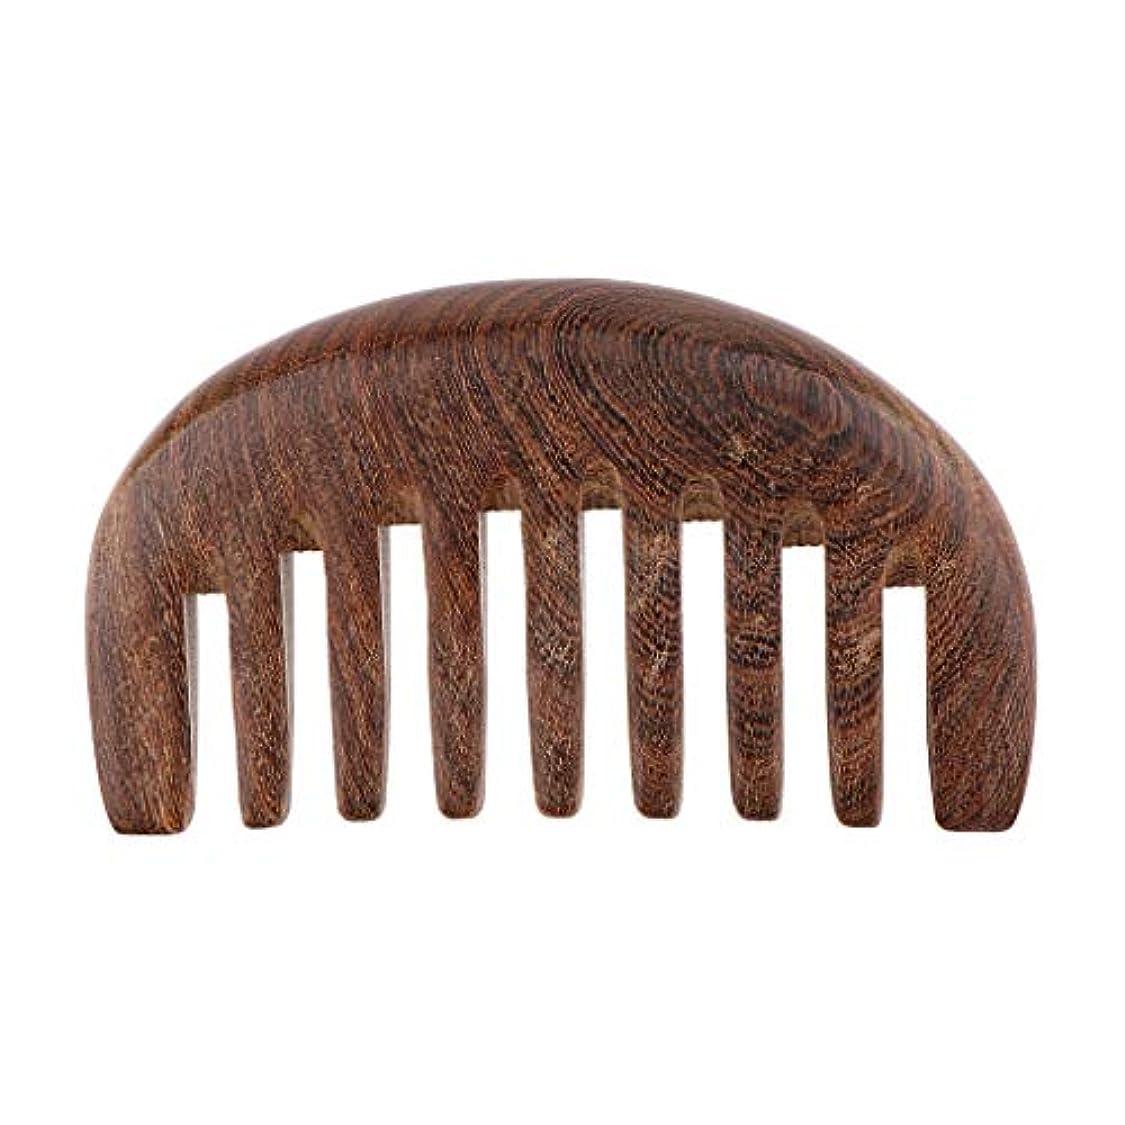 倉庫してはいけません眠りくし コーム 荒め 櫛 木製 美髪ケア サンダルウッド製 帯電防止 毛縮れ避け 3色選べ - クロロフォラ